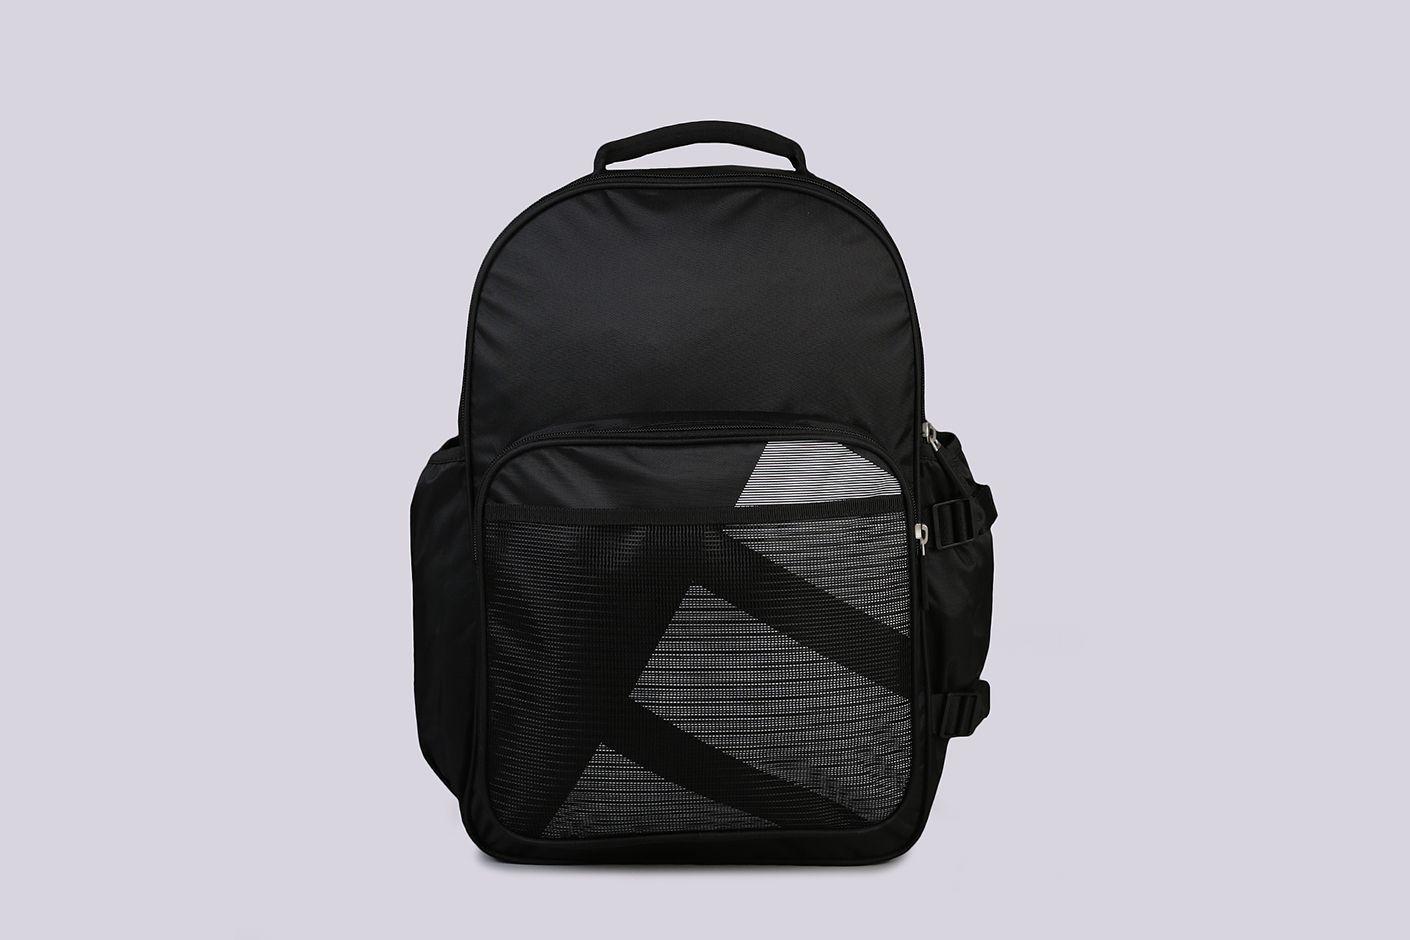 8d03f7583d96 Черный рюкзак Classic BP EQT от adidas Originals (BQ5825) по цене рублей